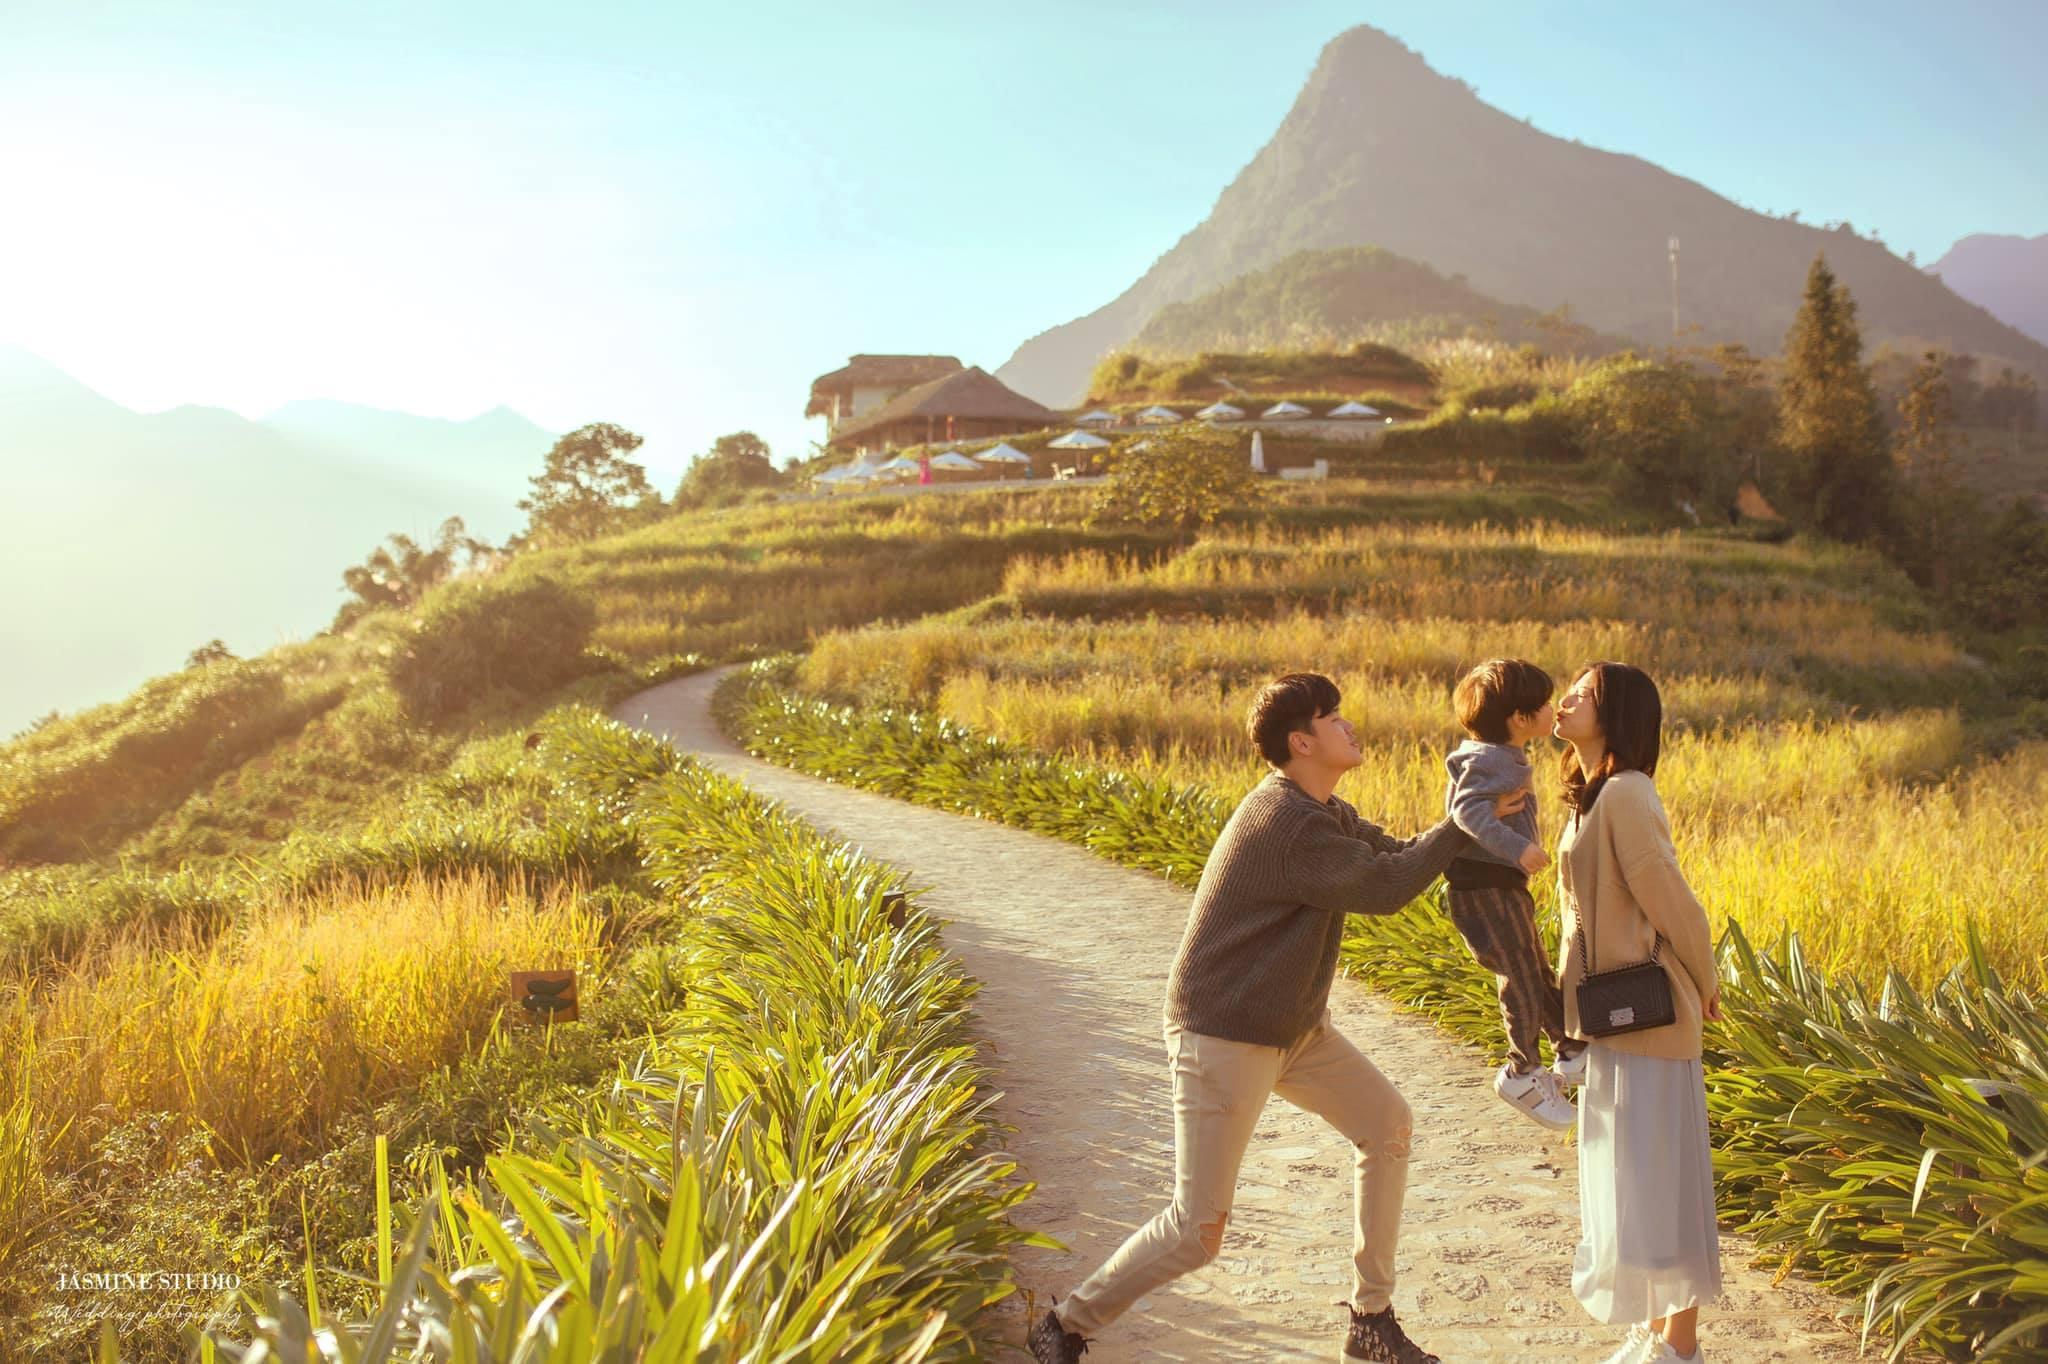 Kinh nghiệm du lịch mùa hè cho gia đình thêm trọn vẹn